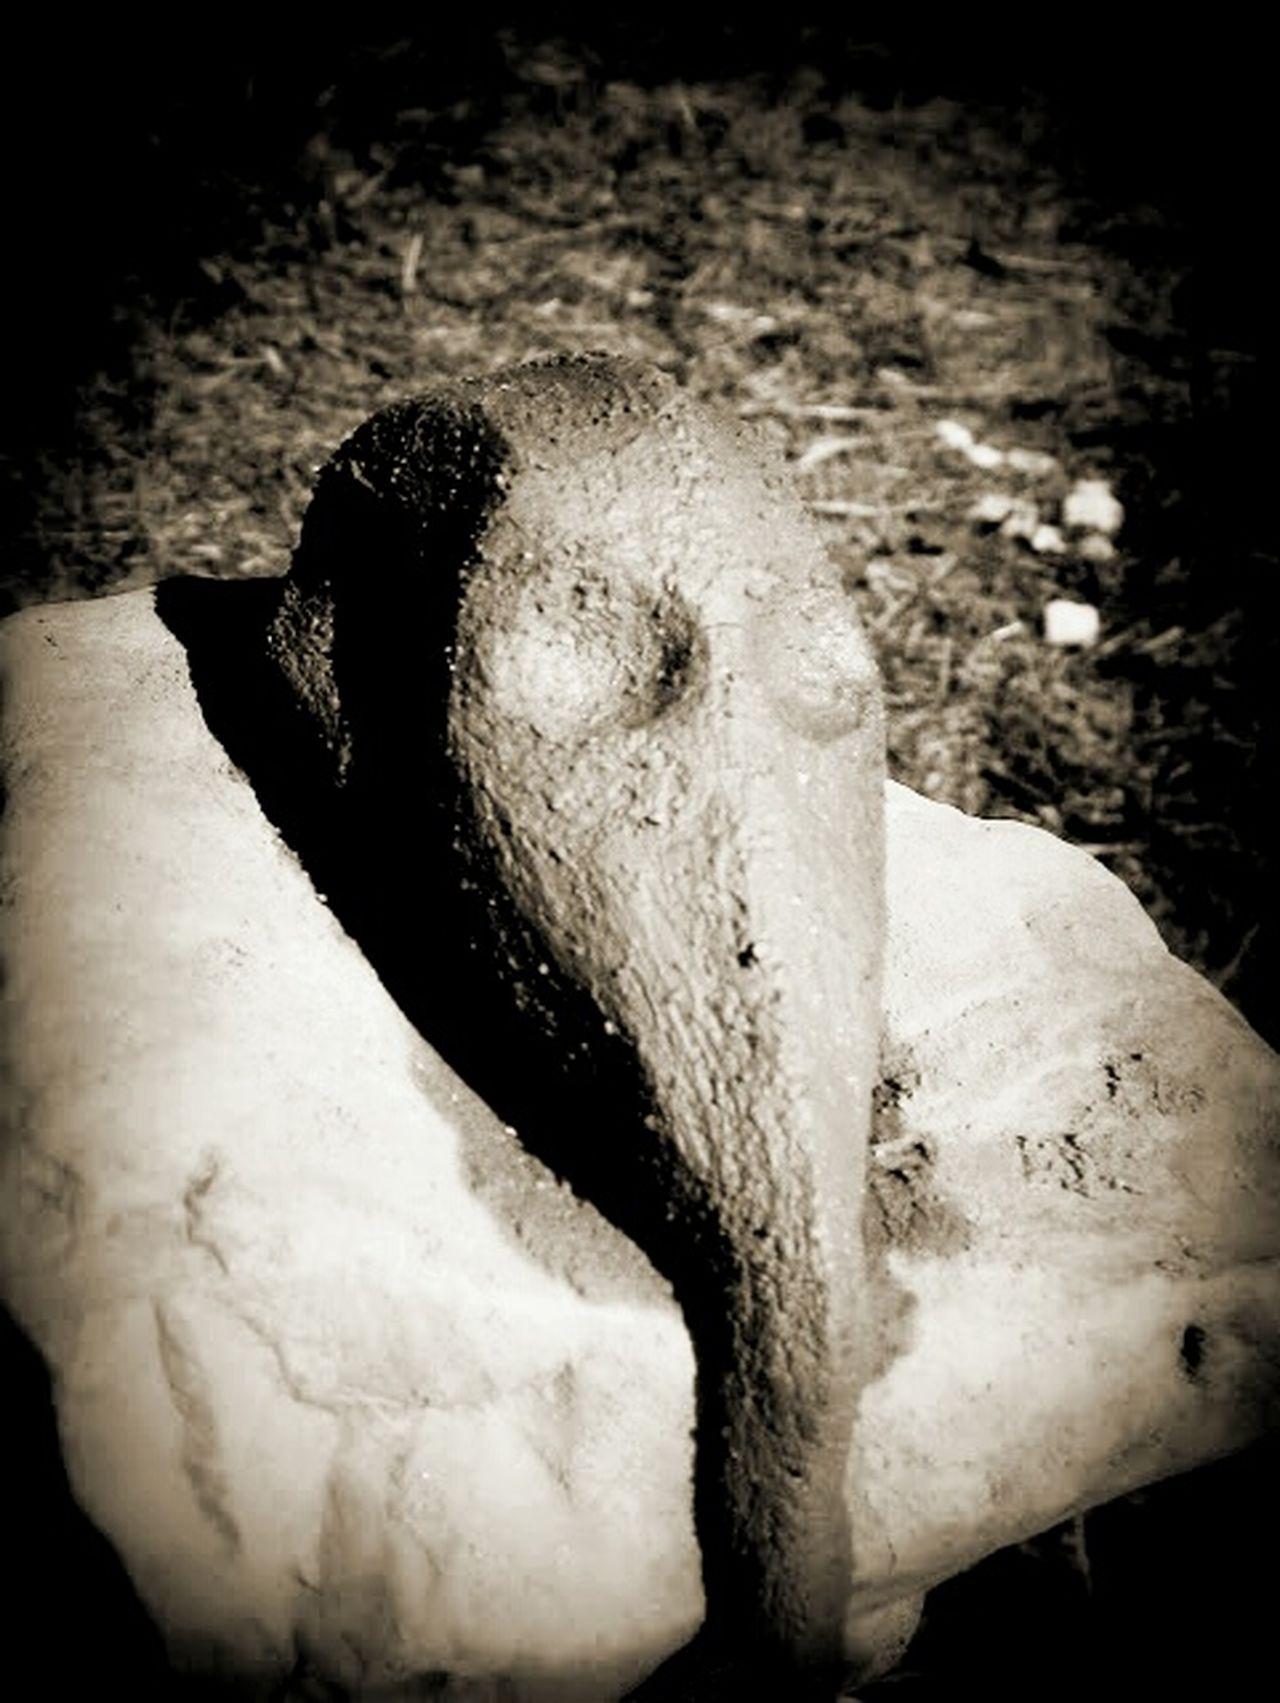 Alien Aliens Rock Dead Alien Life Universe Sculpture Alien Head Alien Life Alien Portrait Fine Art Photography